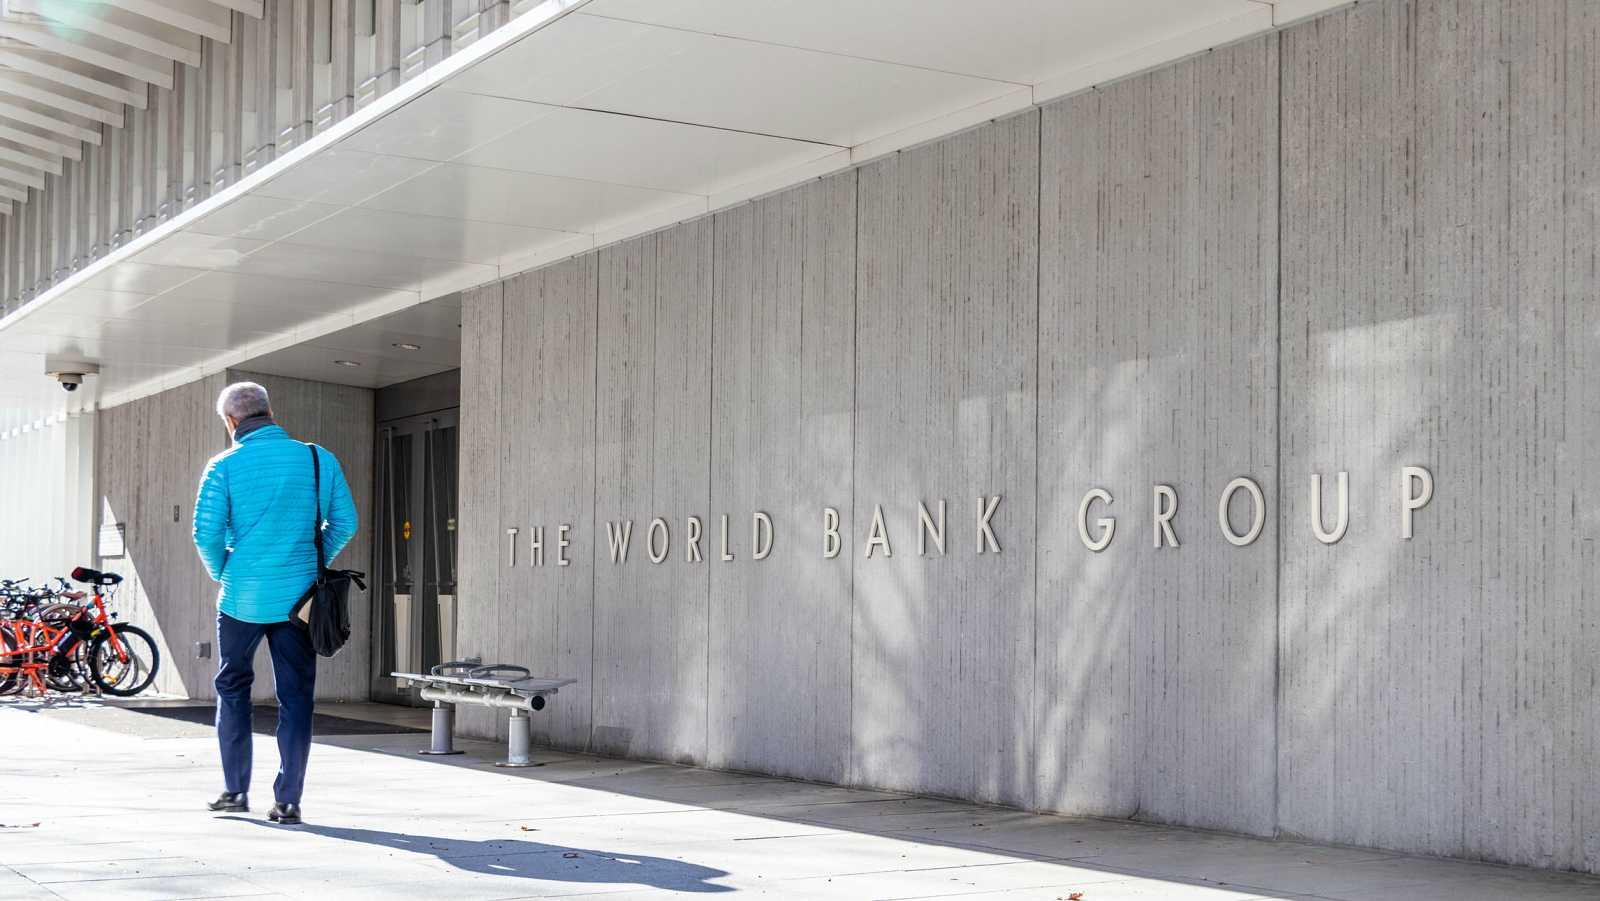 La sede del Banco Mundial en Washington, D.C., Estados Unidos.